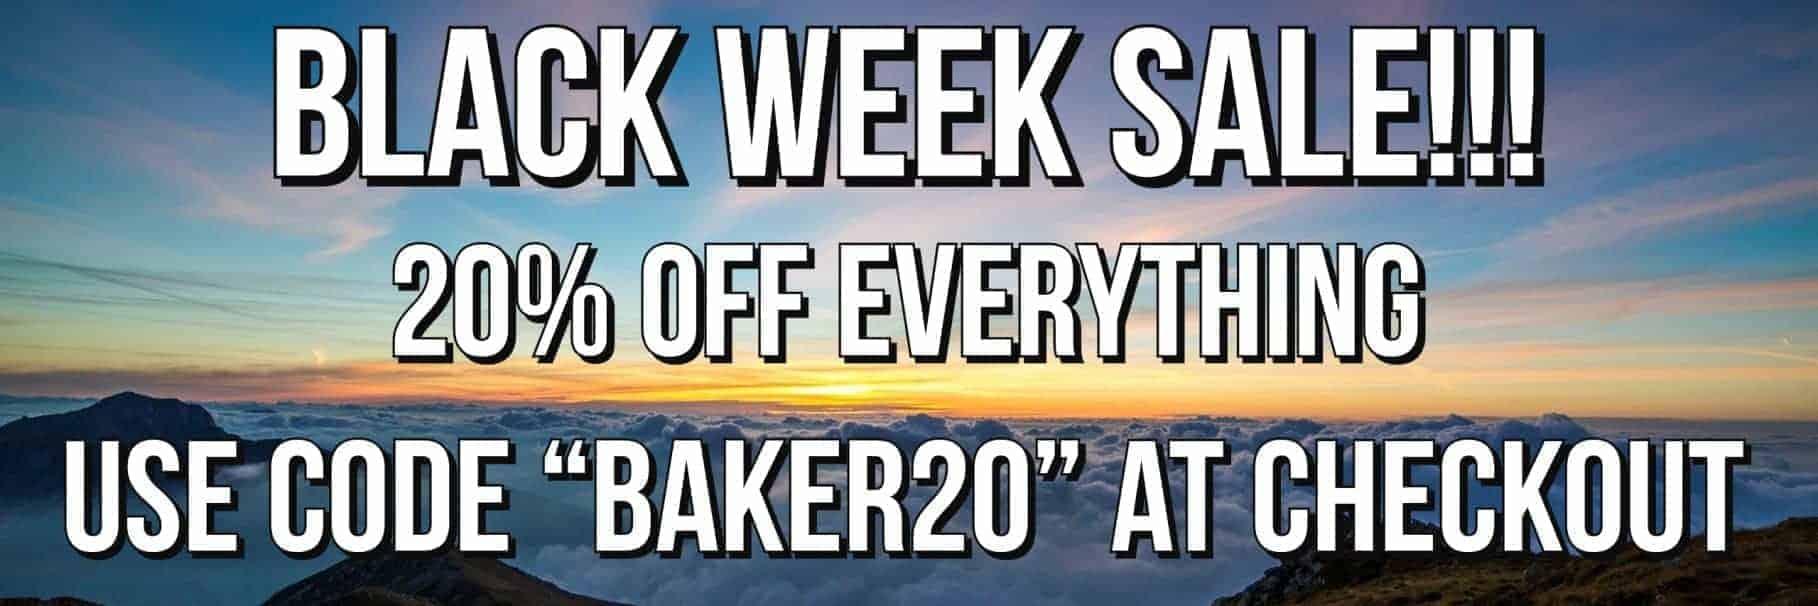 Black Week Sale Banner